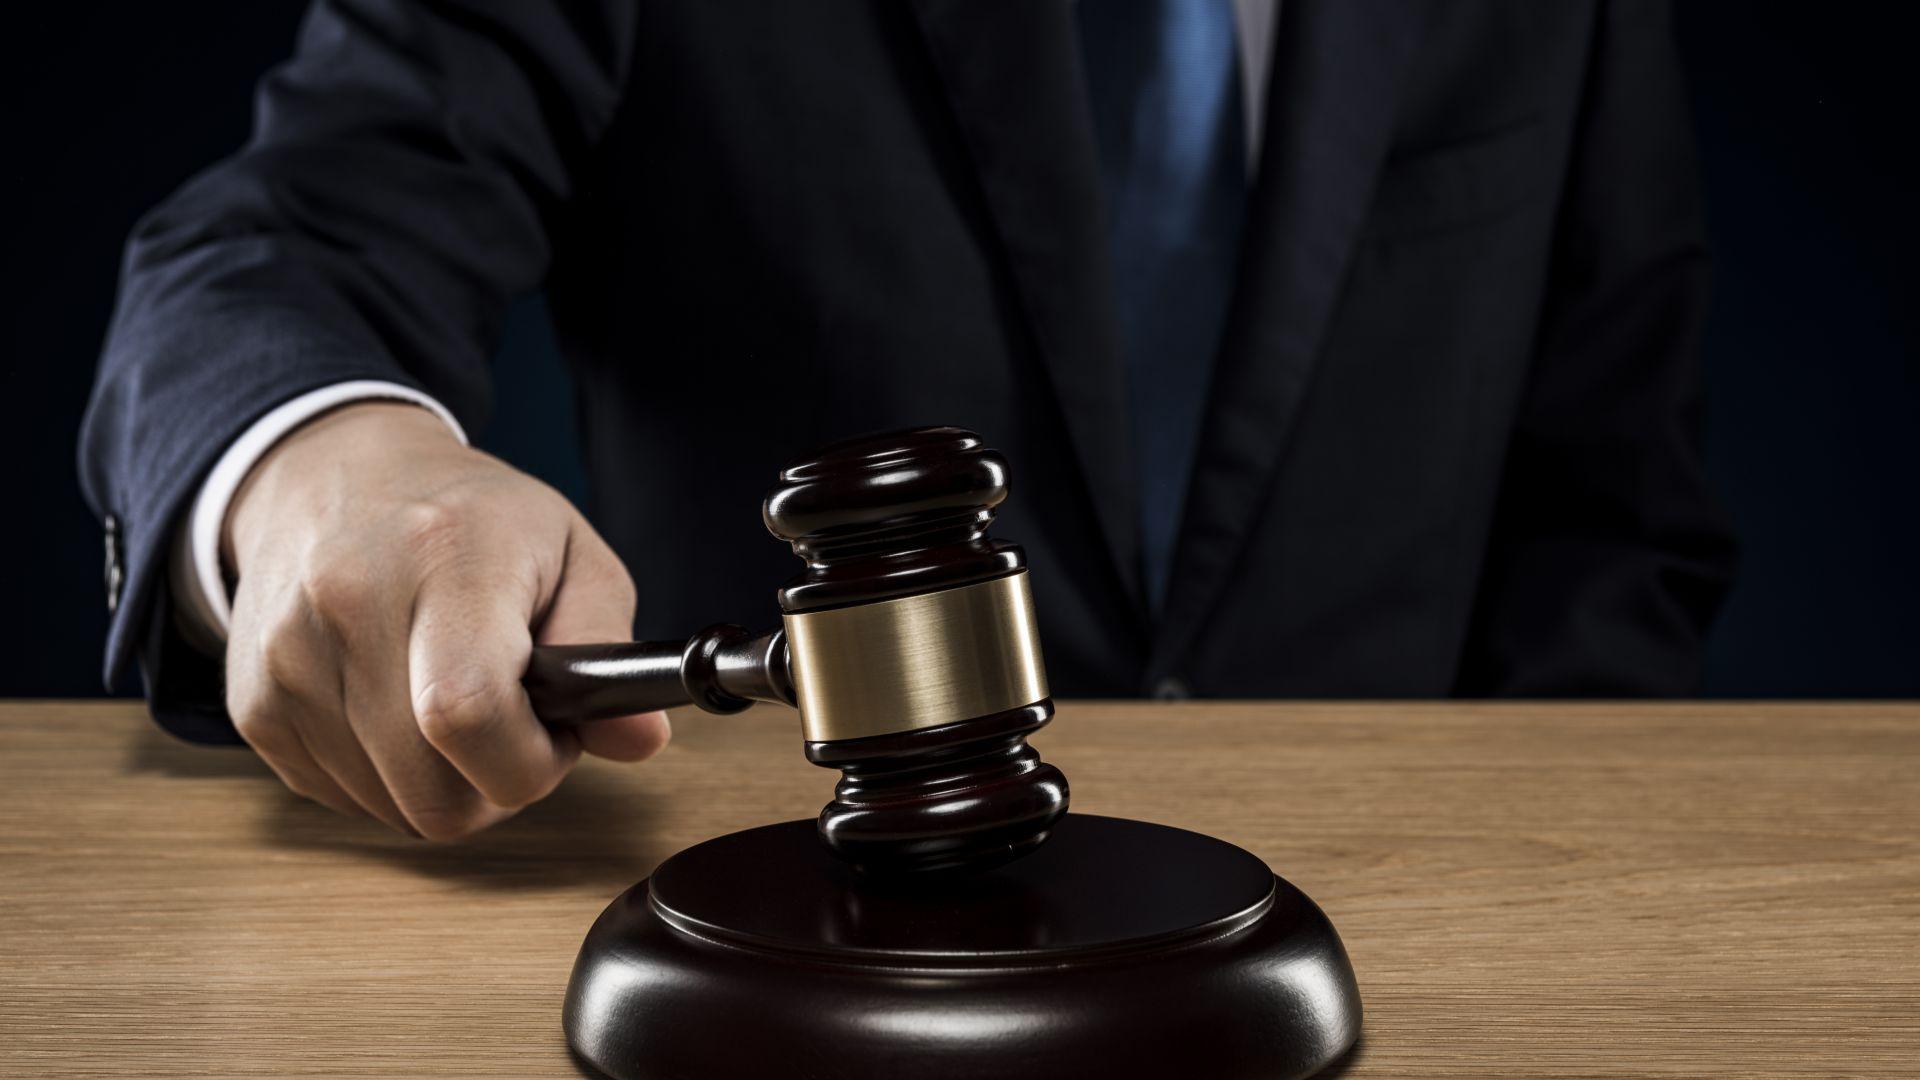 Съдът пусна подкупния данъчен срещу 5000 лeва гаранция